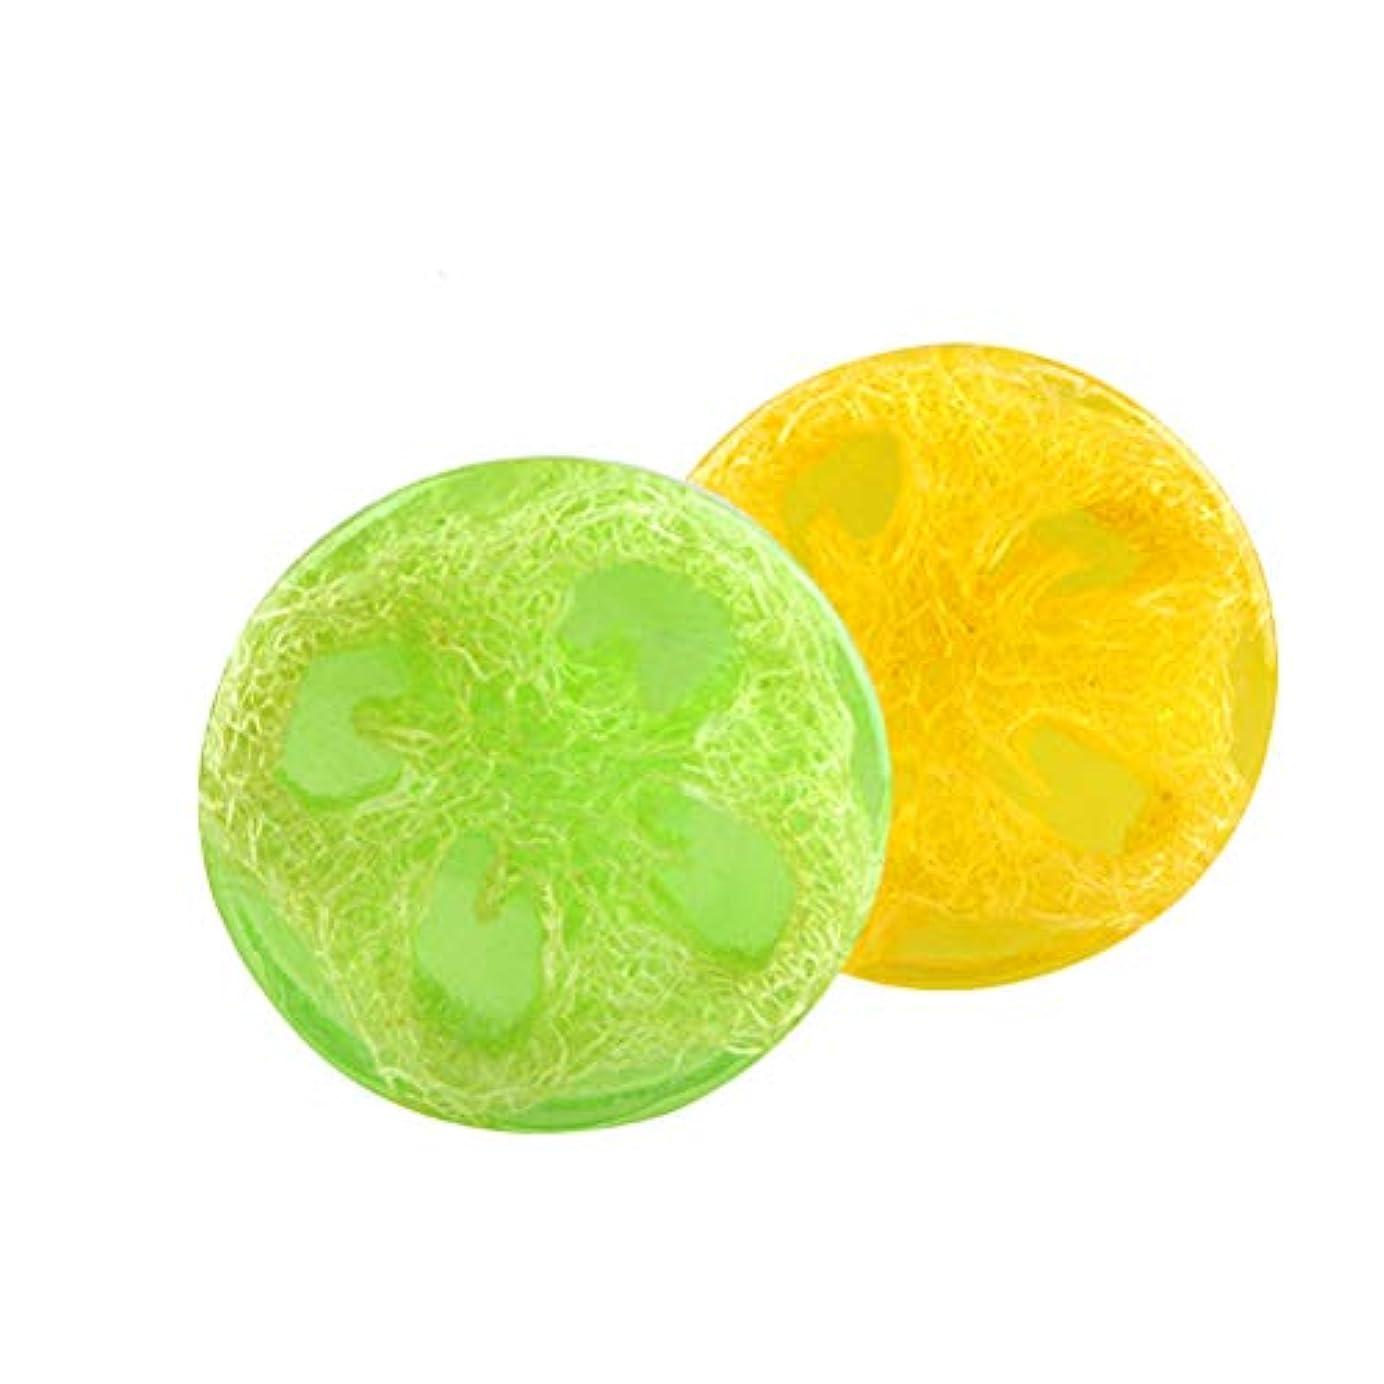 ダニ旅行奴隷Lurrose ハンドメイドエッセンシャルオイルソープバーモイスチャライジングボディウォッシュソープ2個(アロエとレモン)